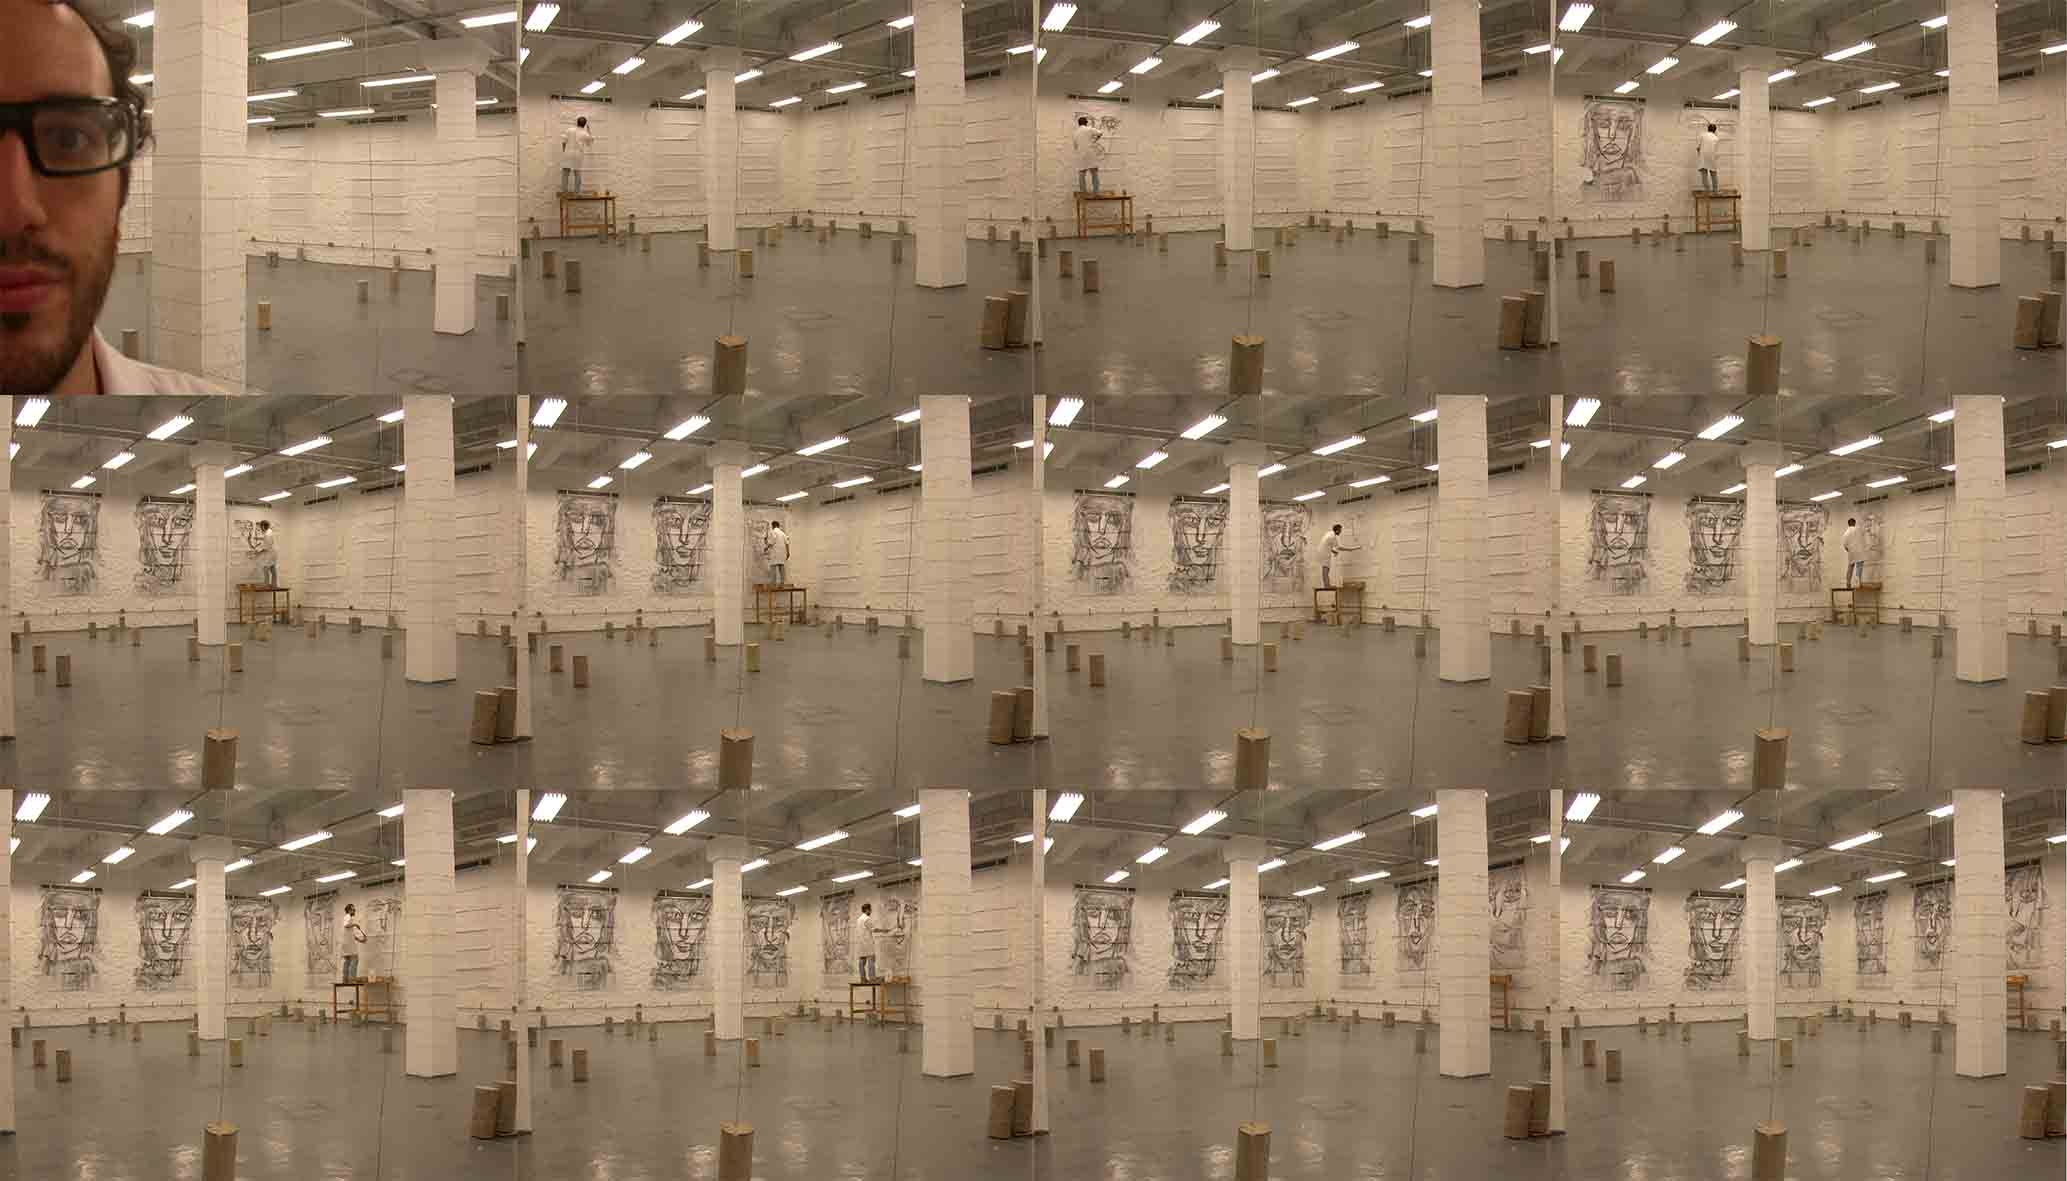 alfred_tarazi_fragments_silent_film_aub_fyp_31.jpg